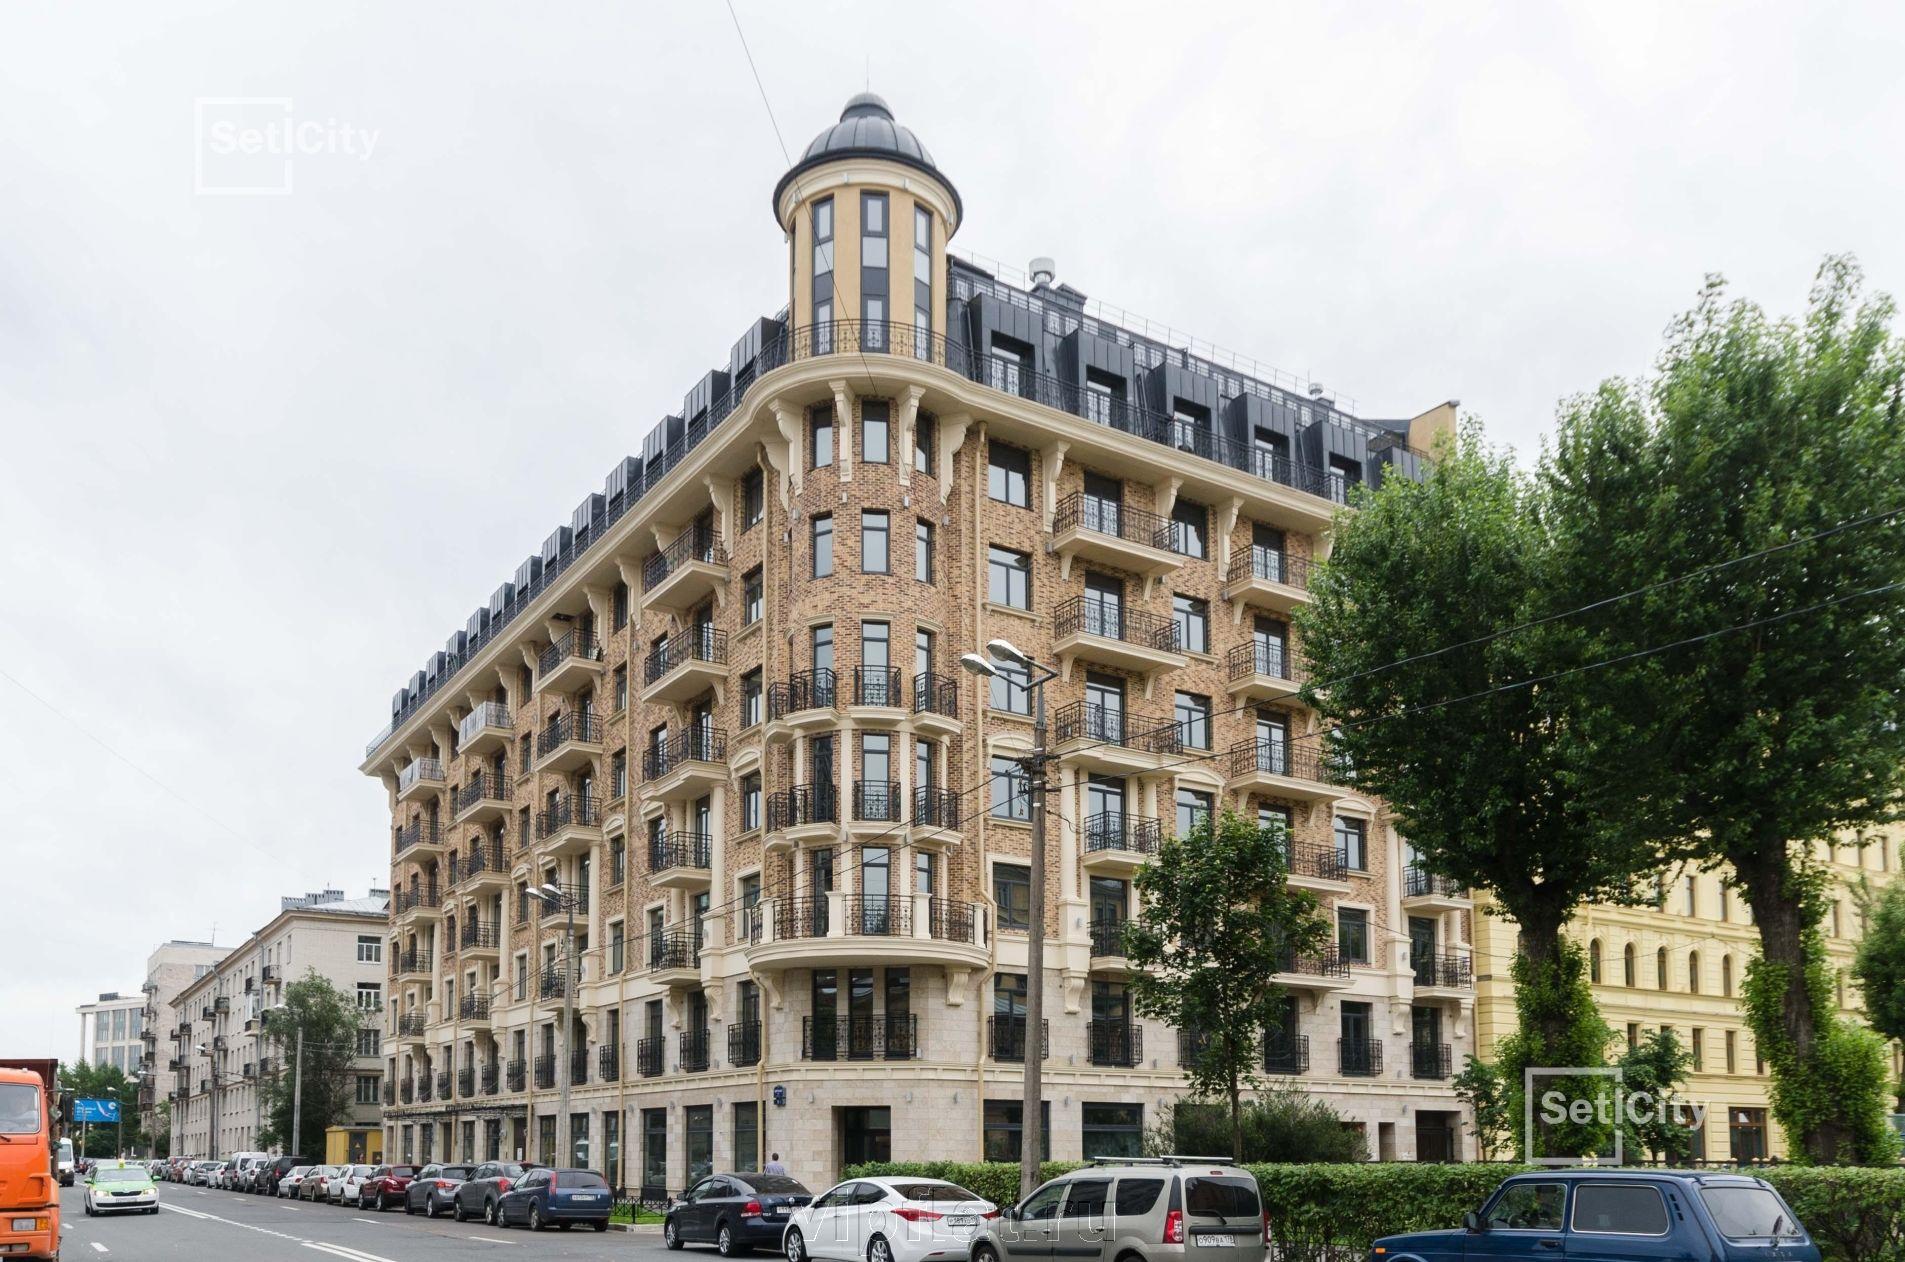 Продажа элитных квартир Санкт-Петербурга. Кирочная улица, 57 Нарядный фасад дома